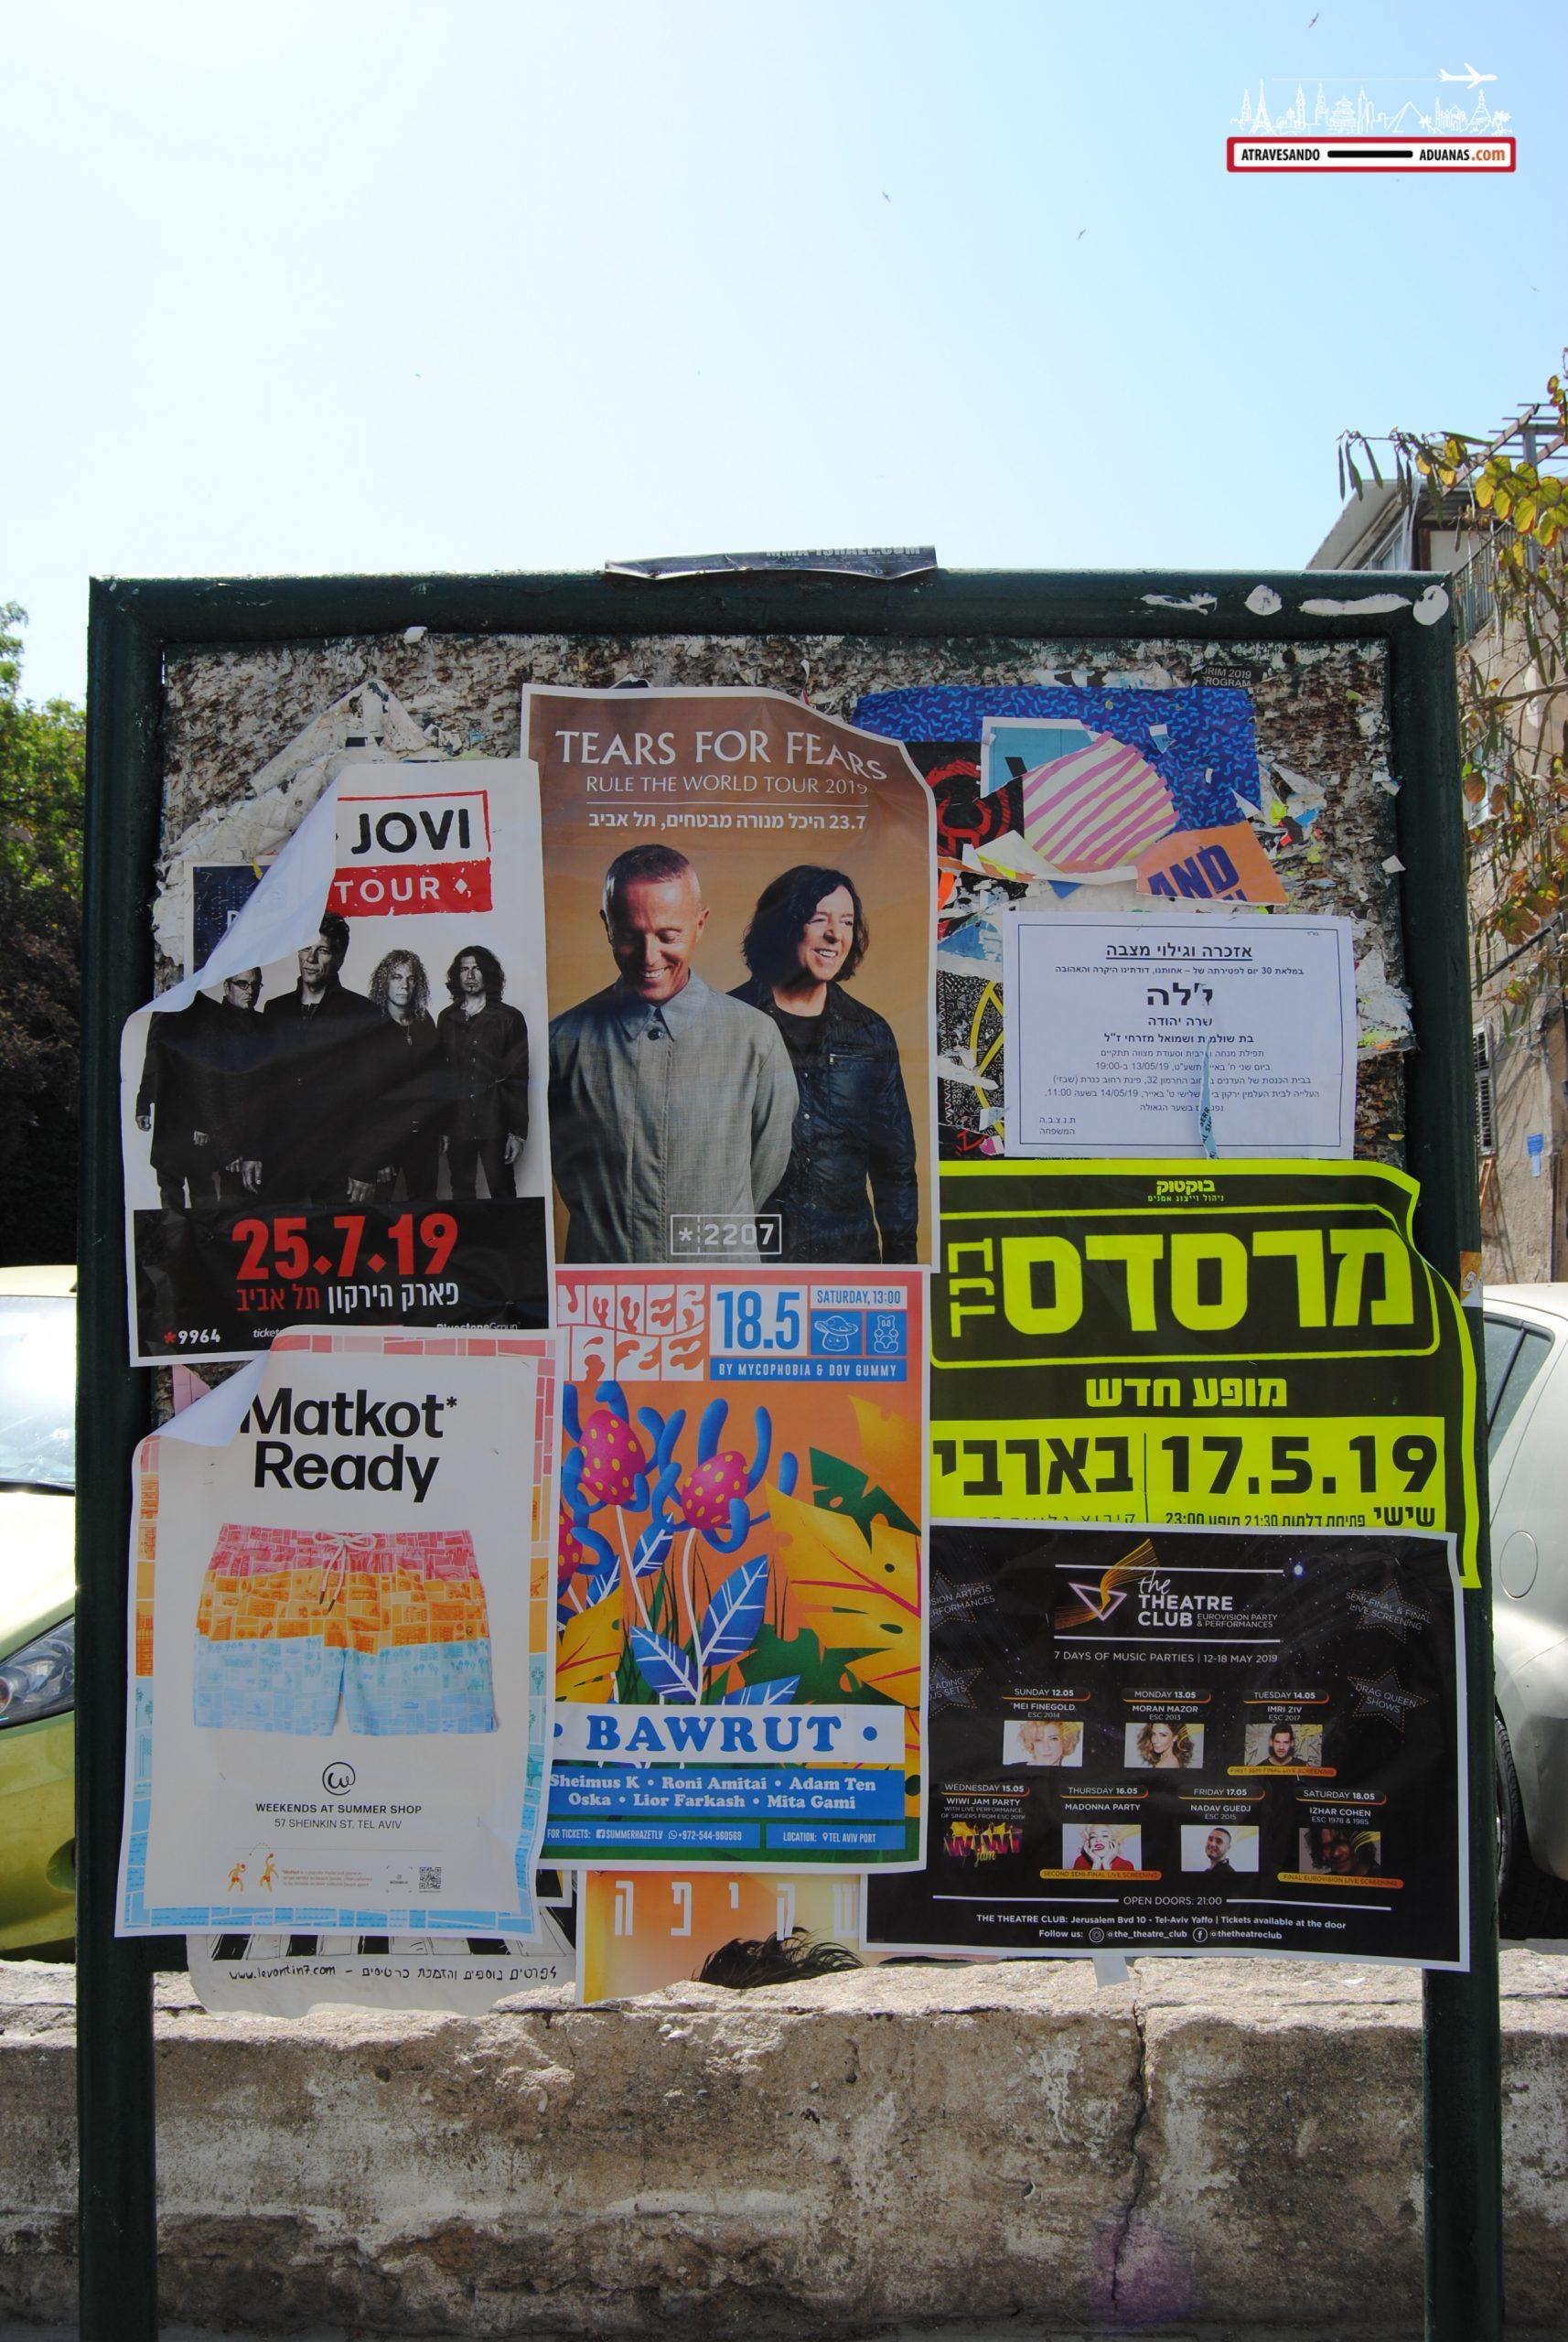 Carteles promocionando eventos en Tel Aviv